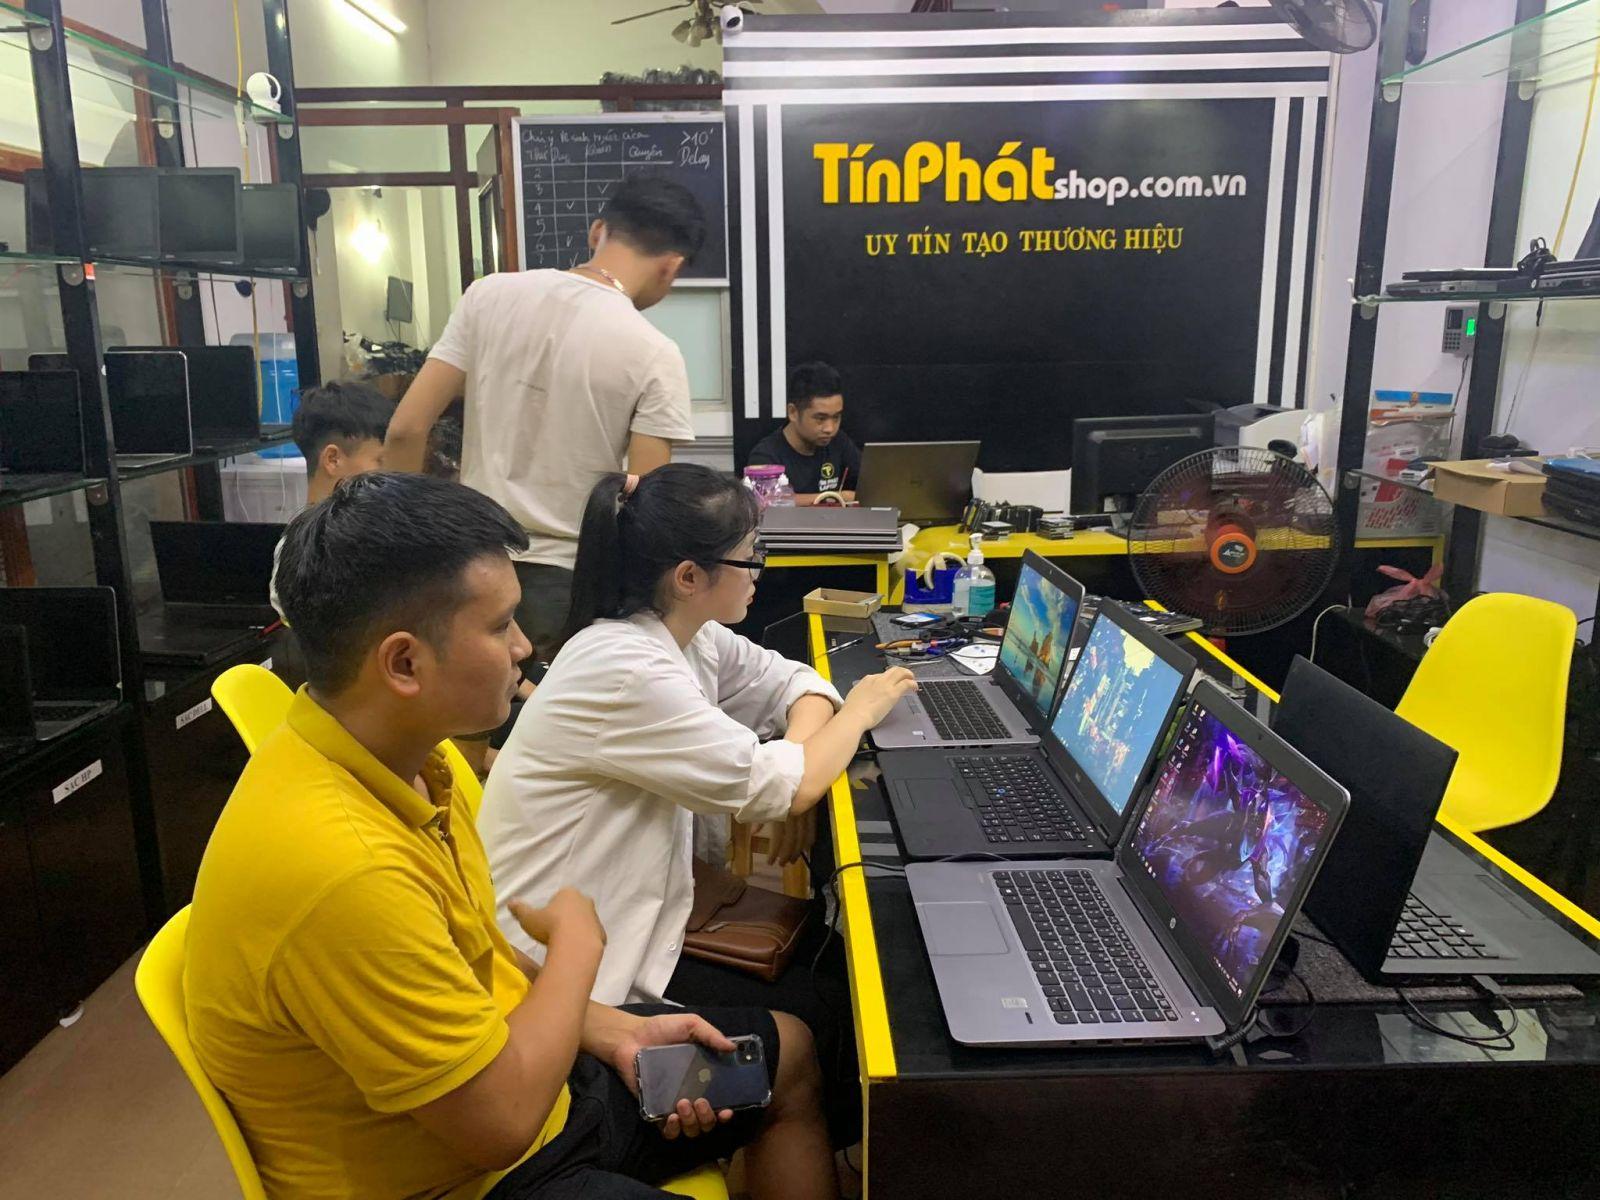 Mua laptop cũở Tín Phát Laptop có lừa đảo không